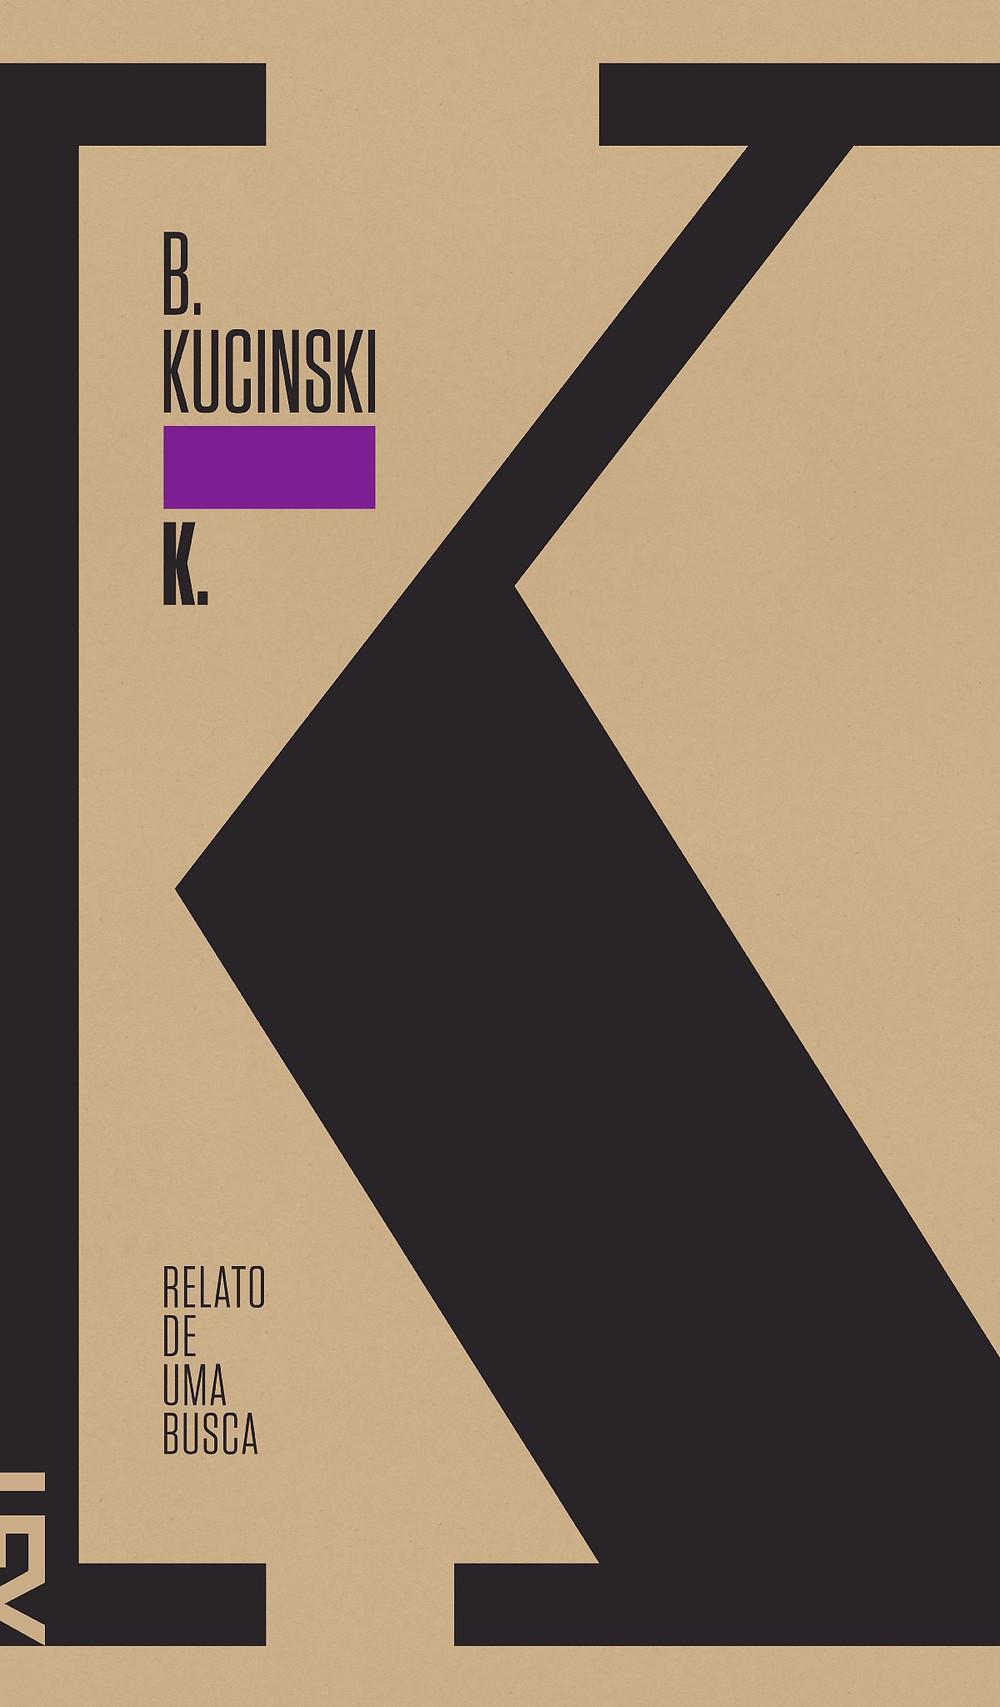 K. Relato de Uma Busca B. Kucinski